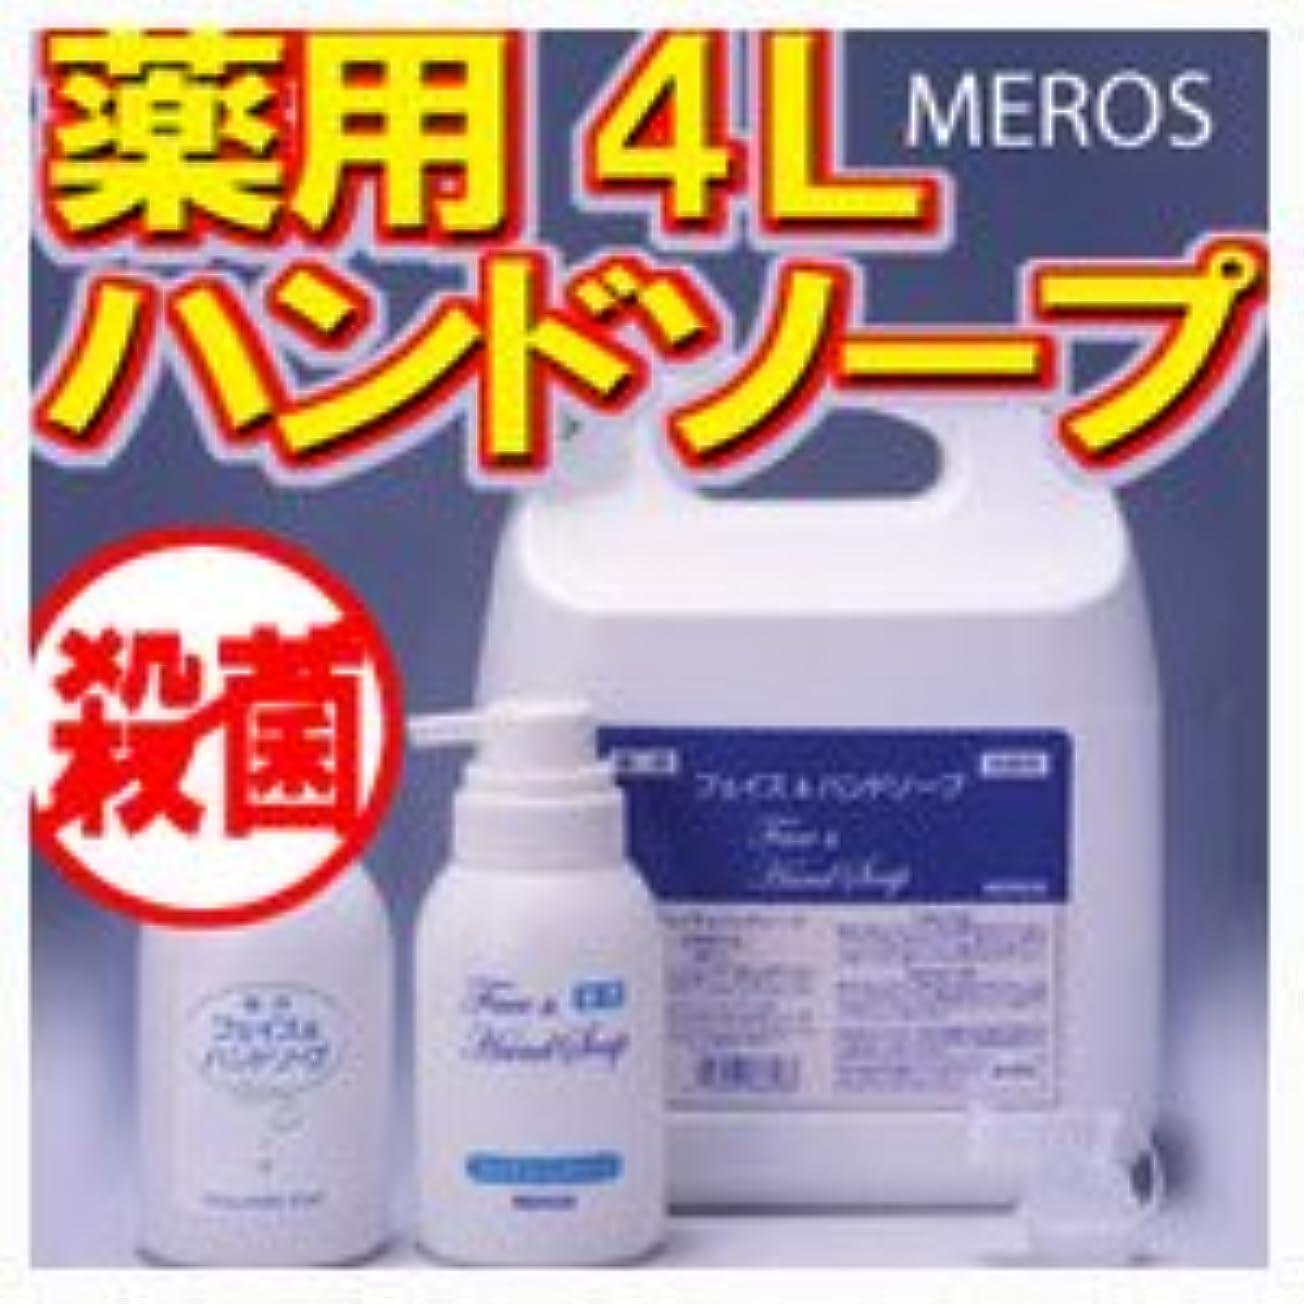 貨物気難しい毎回メロス 薬用ハンドソープ 4L 【泡ポンプボトル付き】